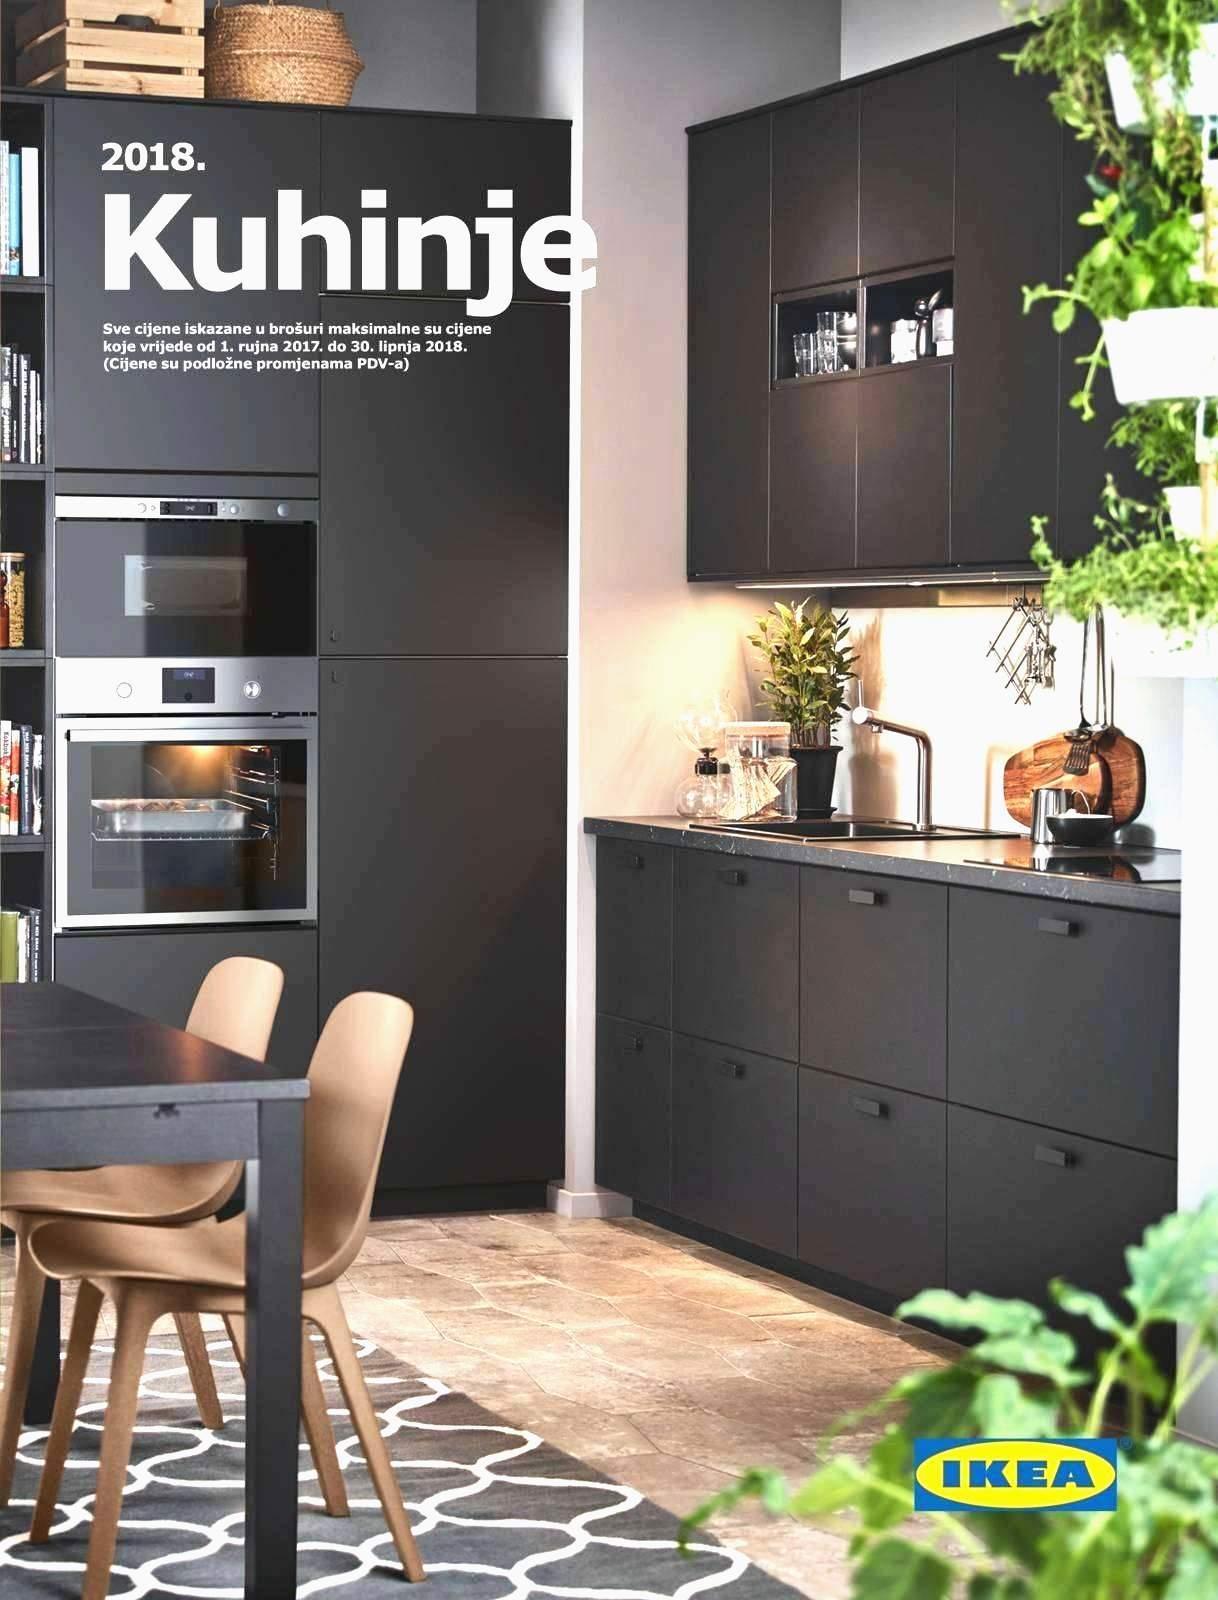 grune wand wohnzimmer schon 37 neu garten shabby h0jzsq design of grune wand wohnzimmer